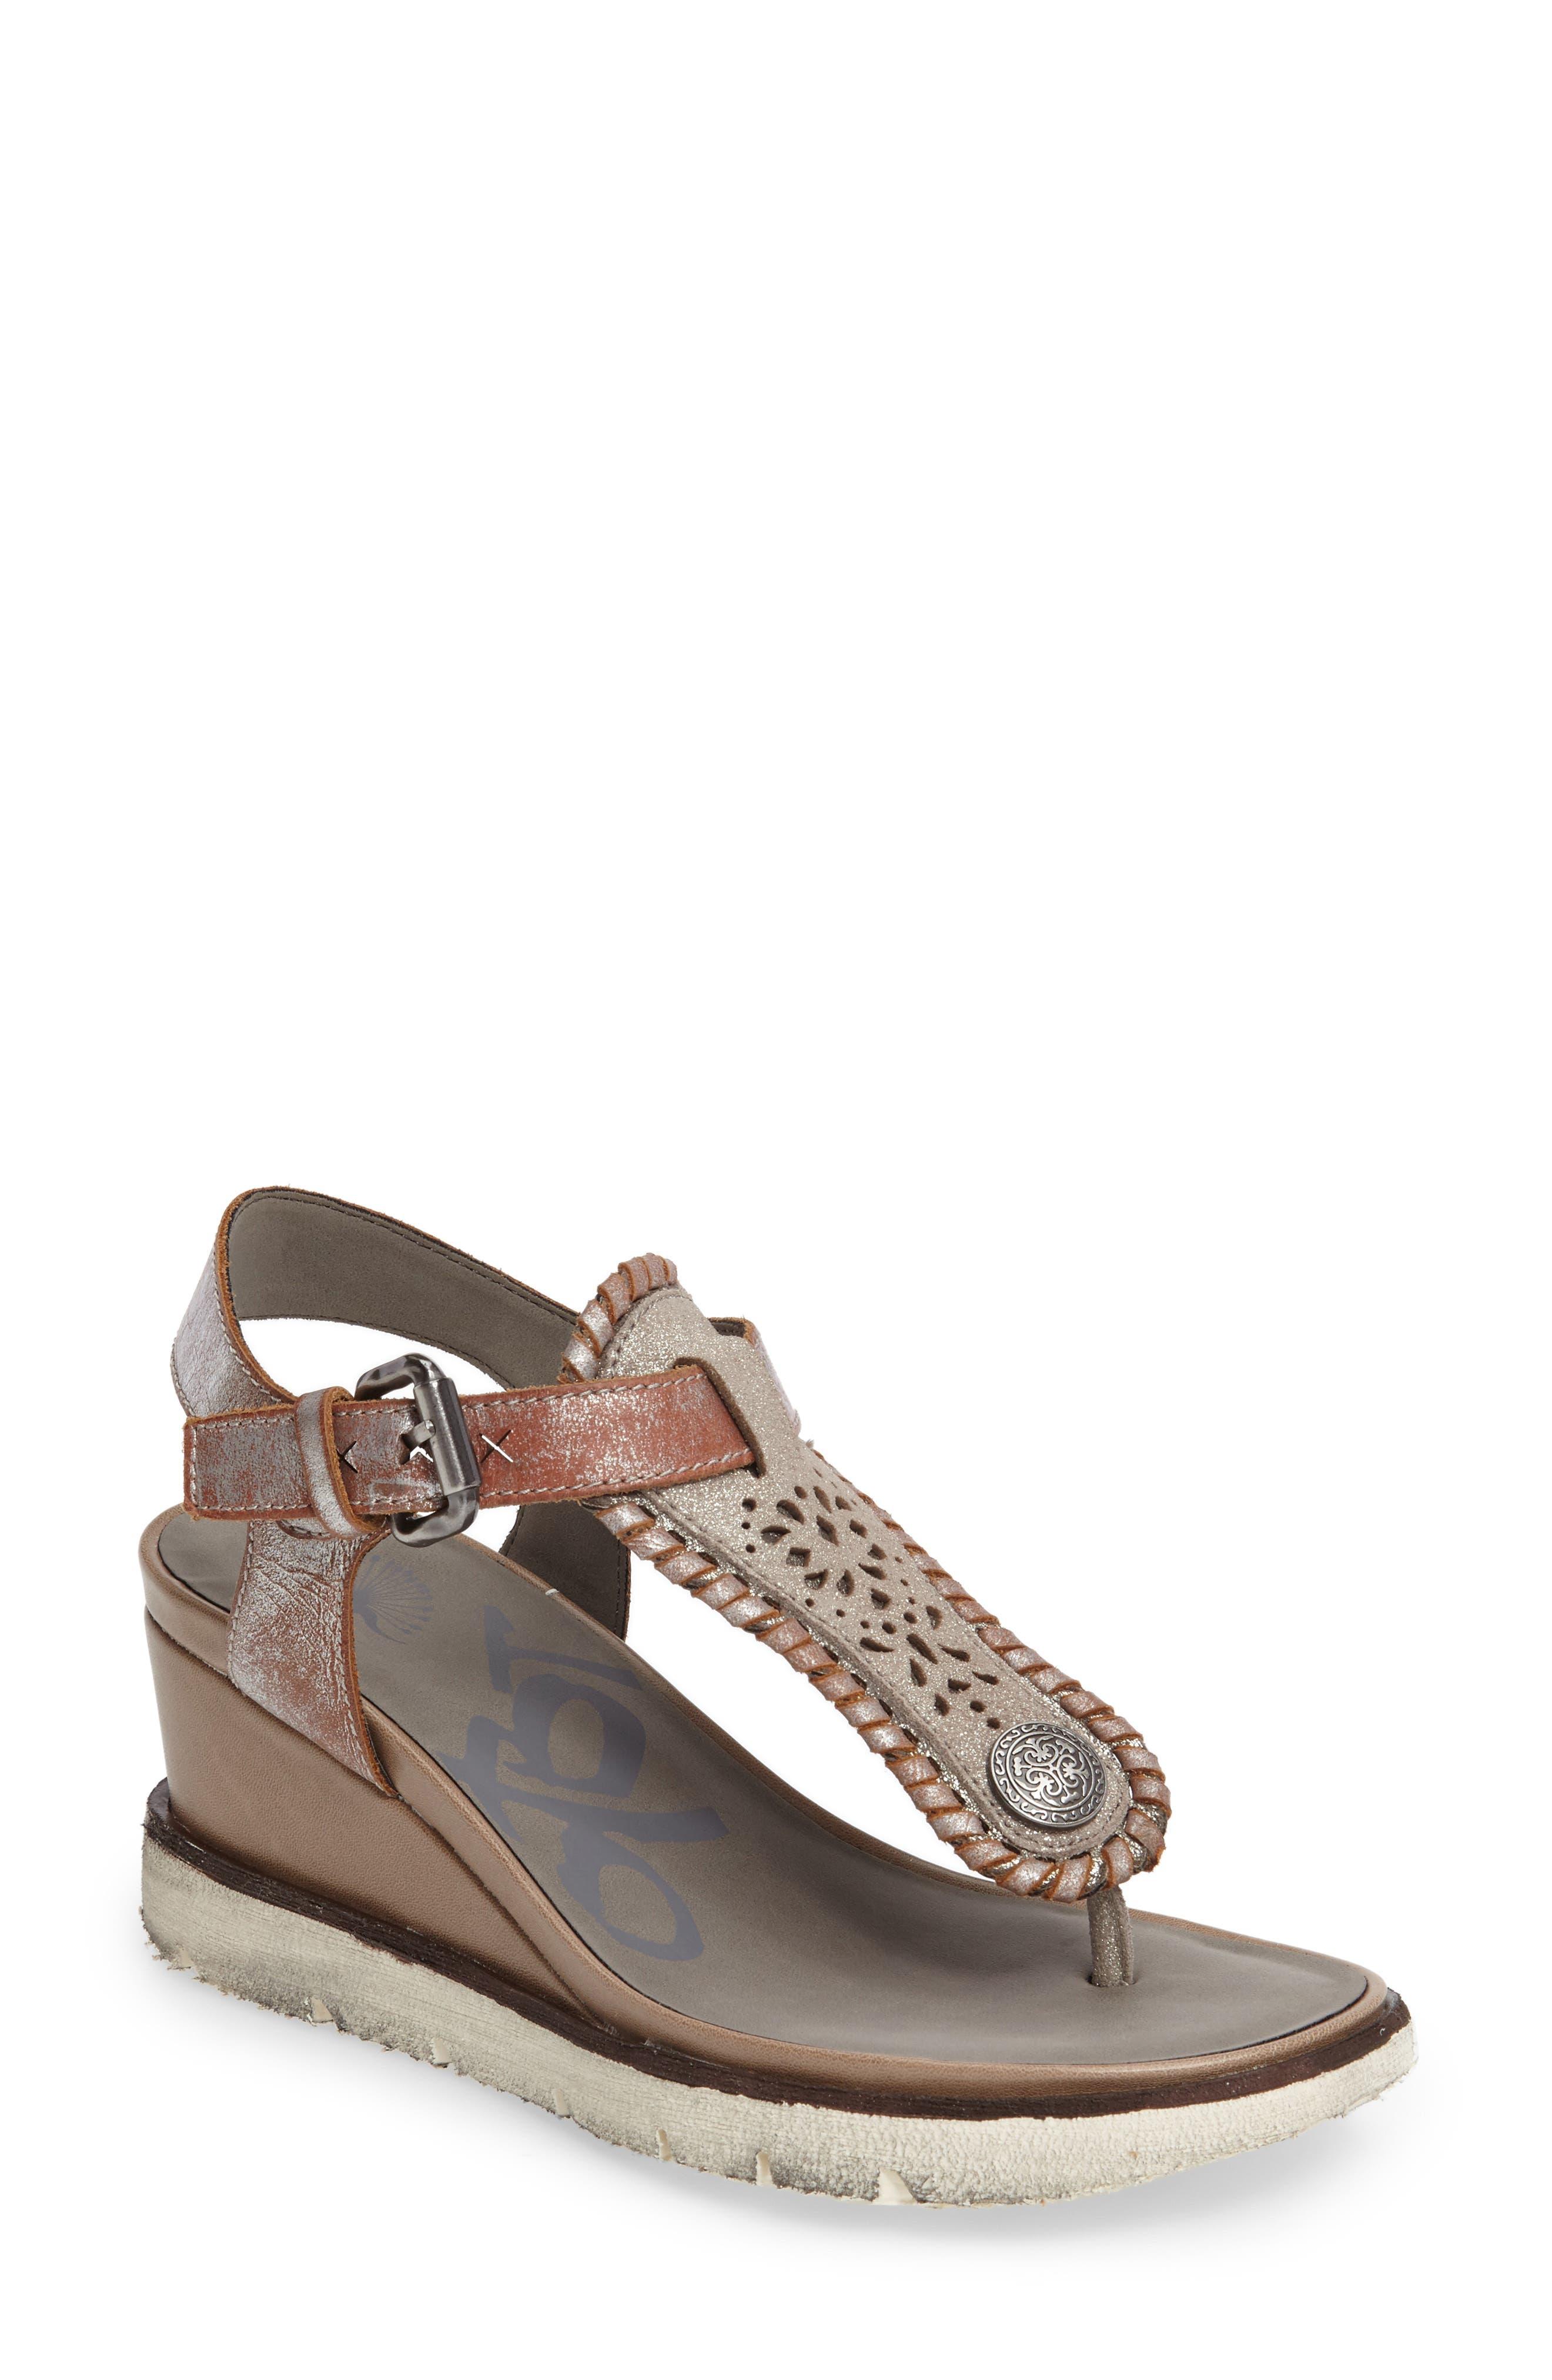 Excursion Wedge Sandal,                         Main,                         color, 063